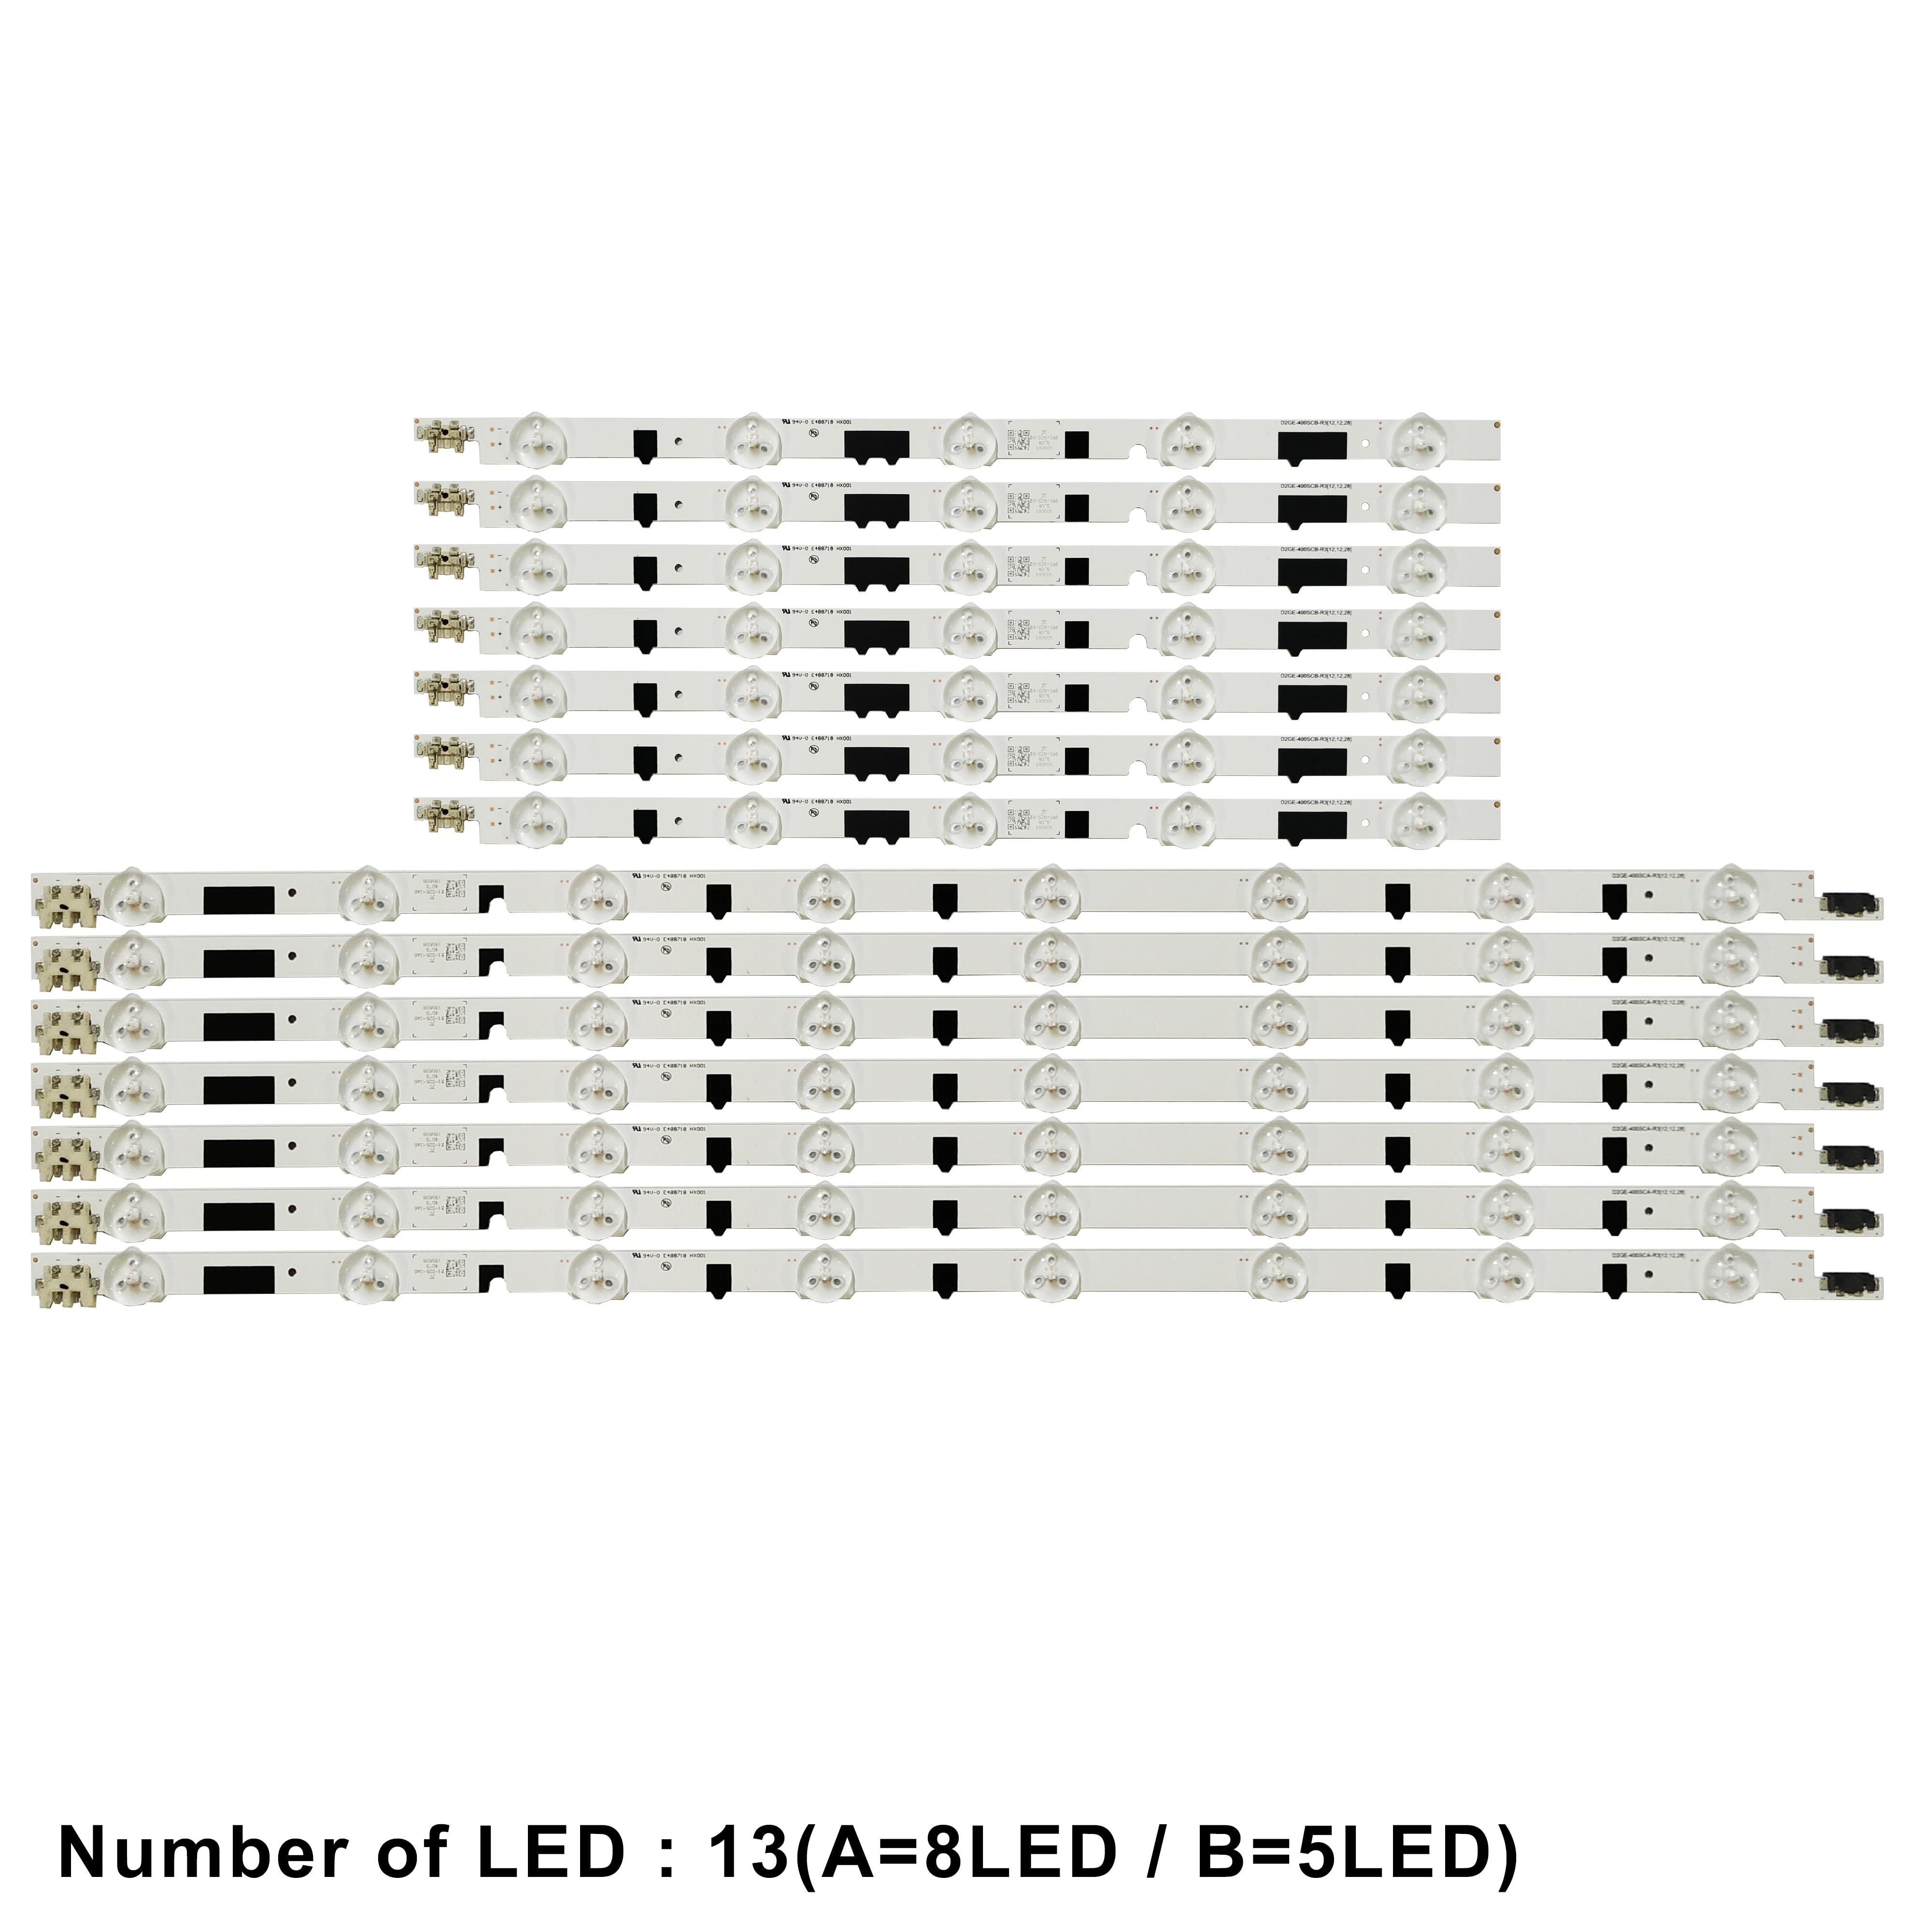 LED strip For BN96 25304A BN41 01970A UN40F6400 UE40F6500 UE40F6200AK UE40F5300 UE40F6800 UE40F6510 UA40F5000 AJ UE40F6650